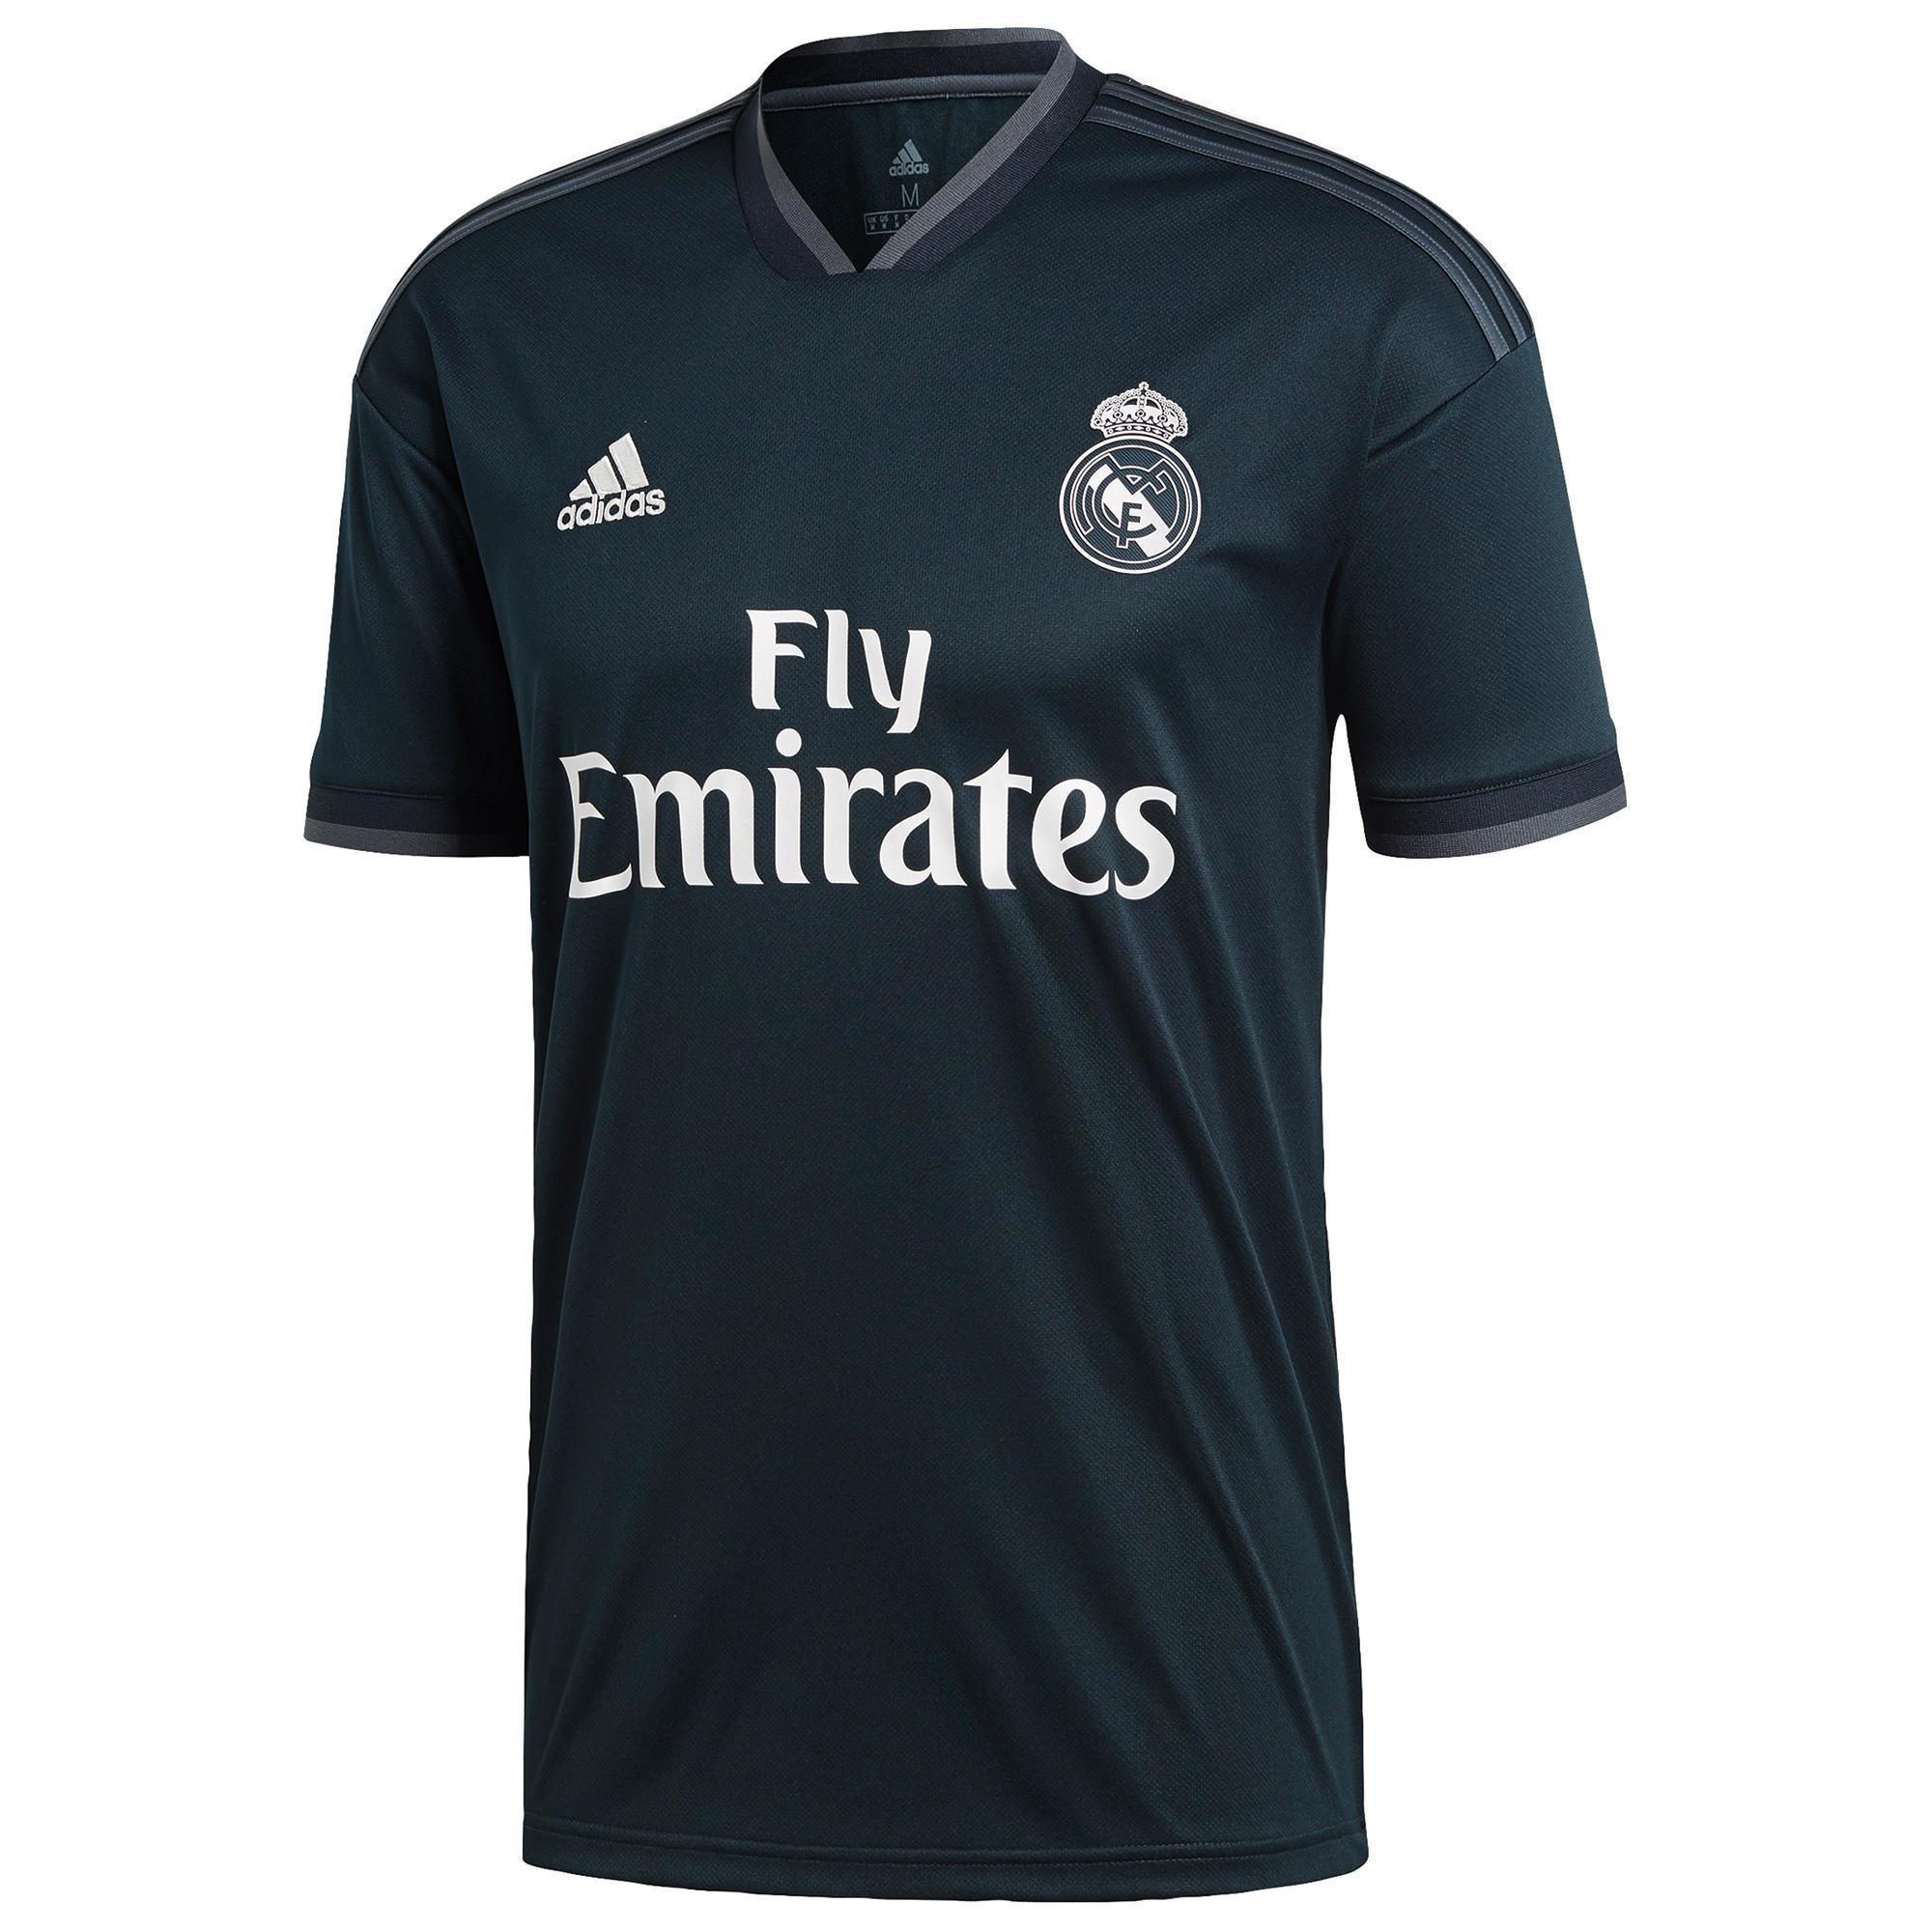 4b314df68dfa2 Camiseta de Fútbol Adidas oficial Real Madrid C.F. 2ª equipación niños 2018  2019